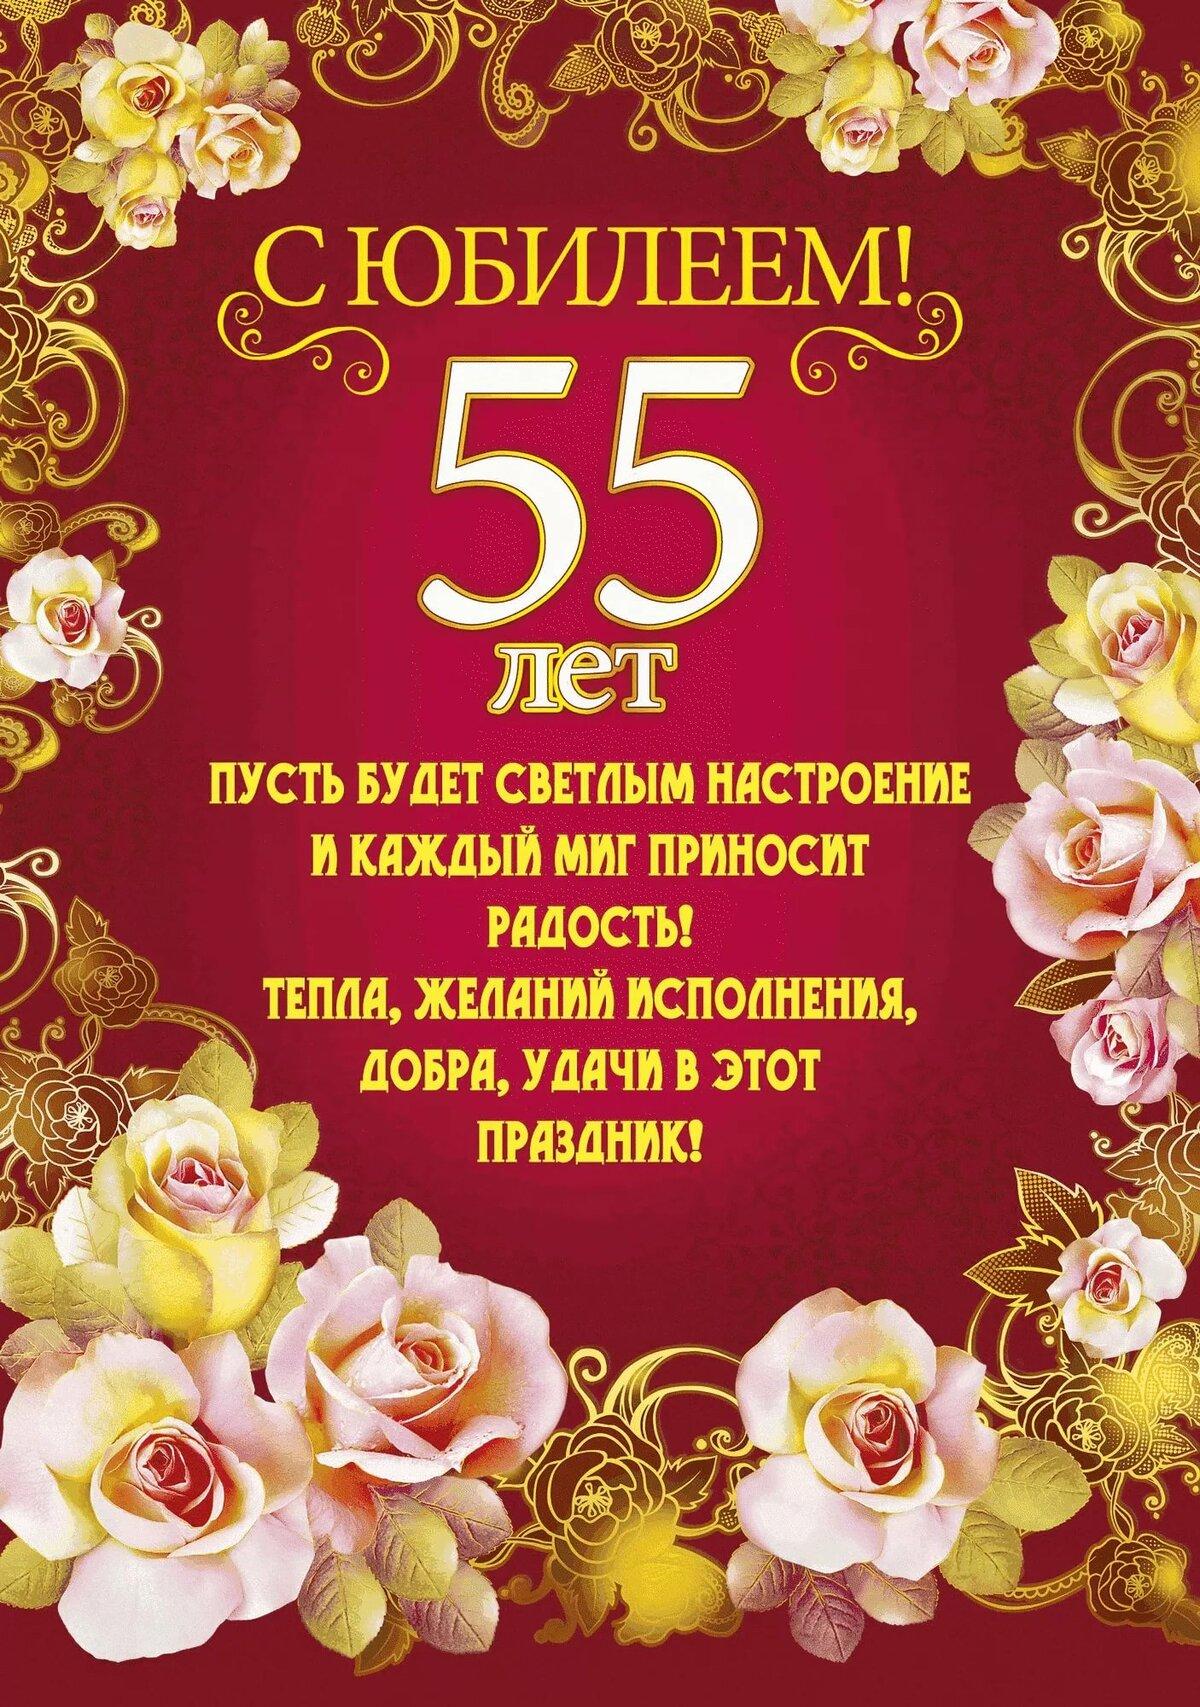 Поздравление сестры от брата с юбилеем 55 лет женщине